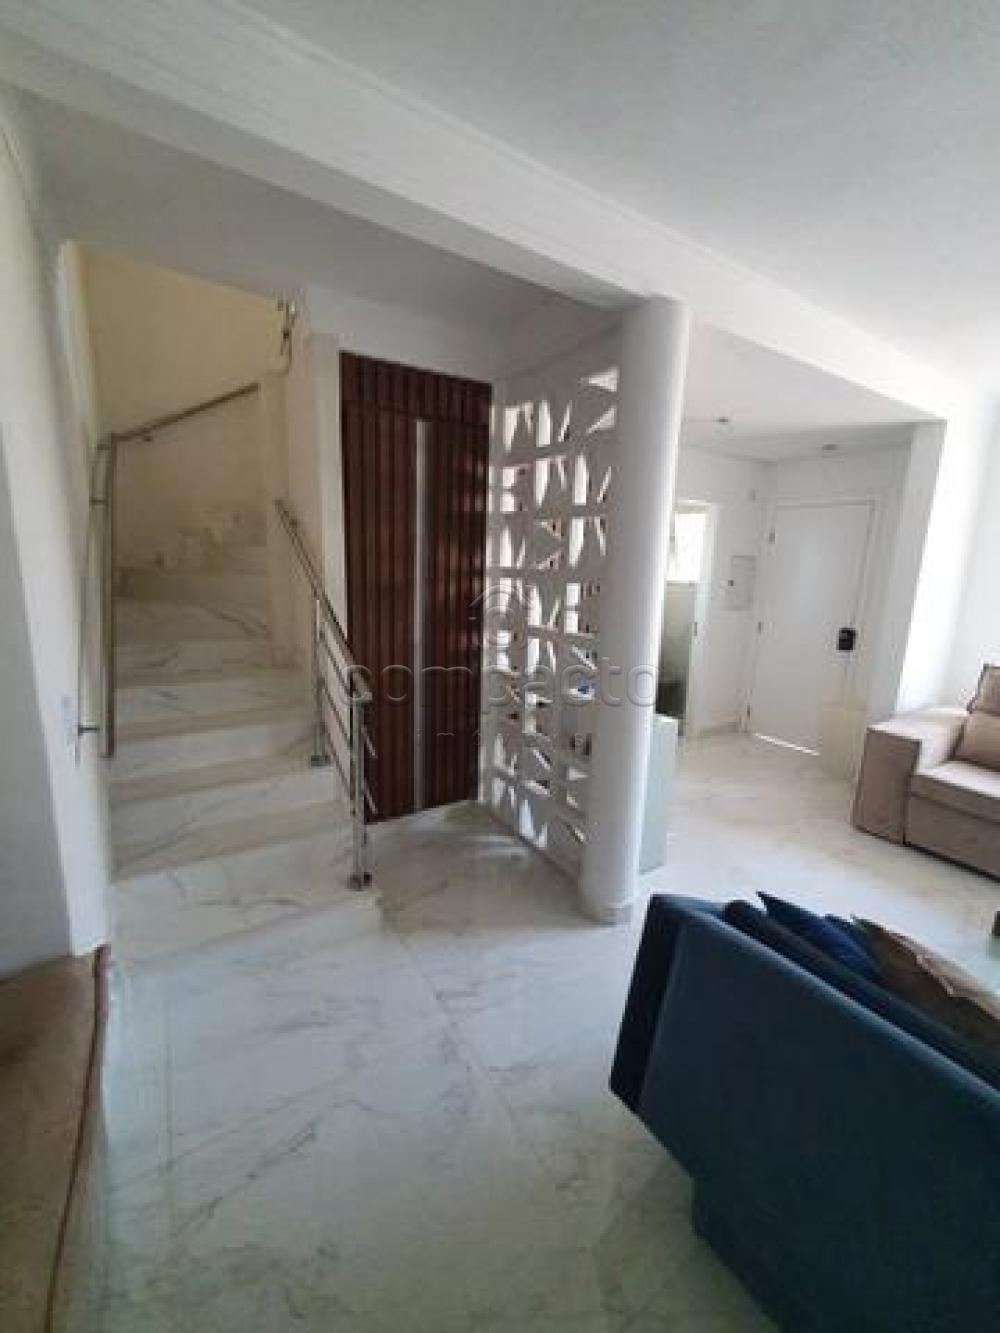 Comprar Casa / Condomínio em São José do Rio Preto apenas R$ 535.000,00 - Foto 2